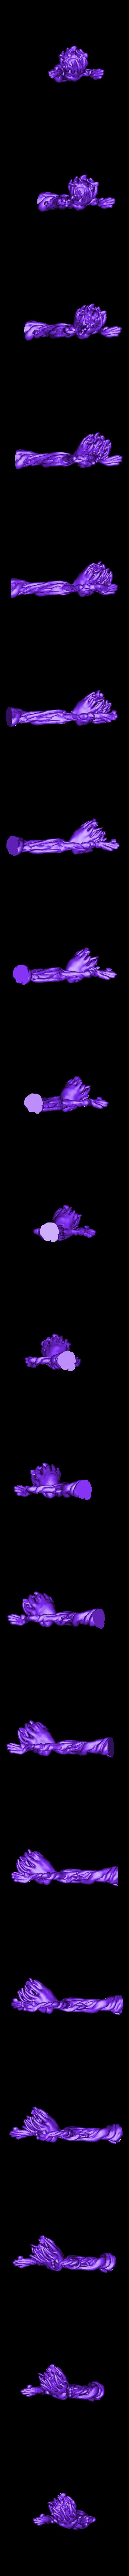 groot_nobase_no_supports.stl Télécharger fichier STL gratuit Groot dansant • Design pour impression 3D, Tarnliare